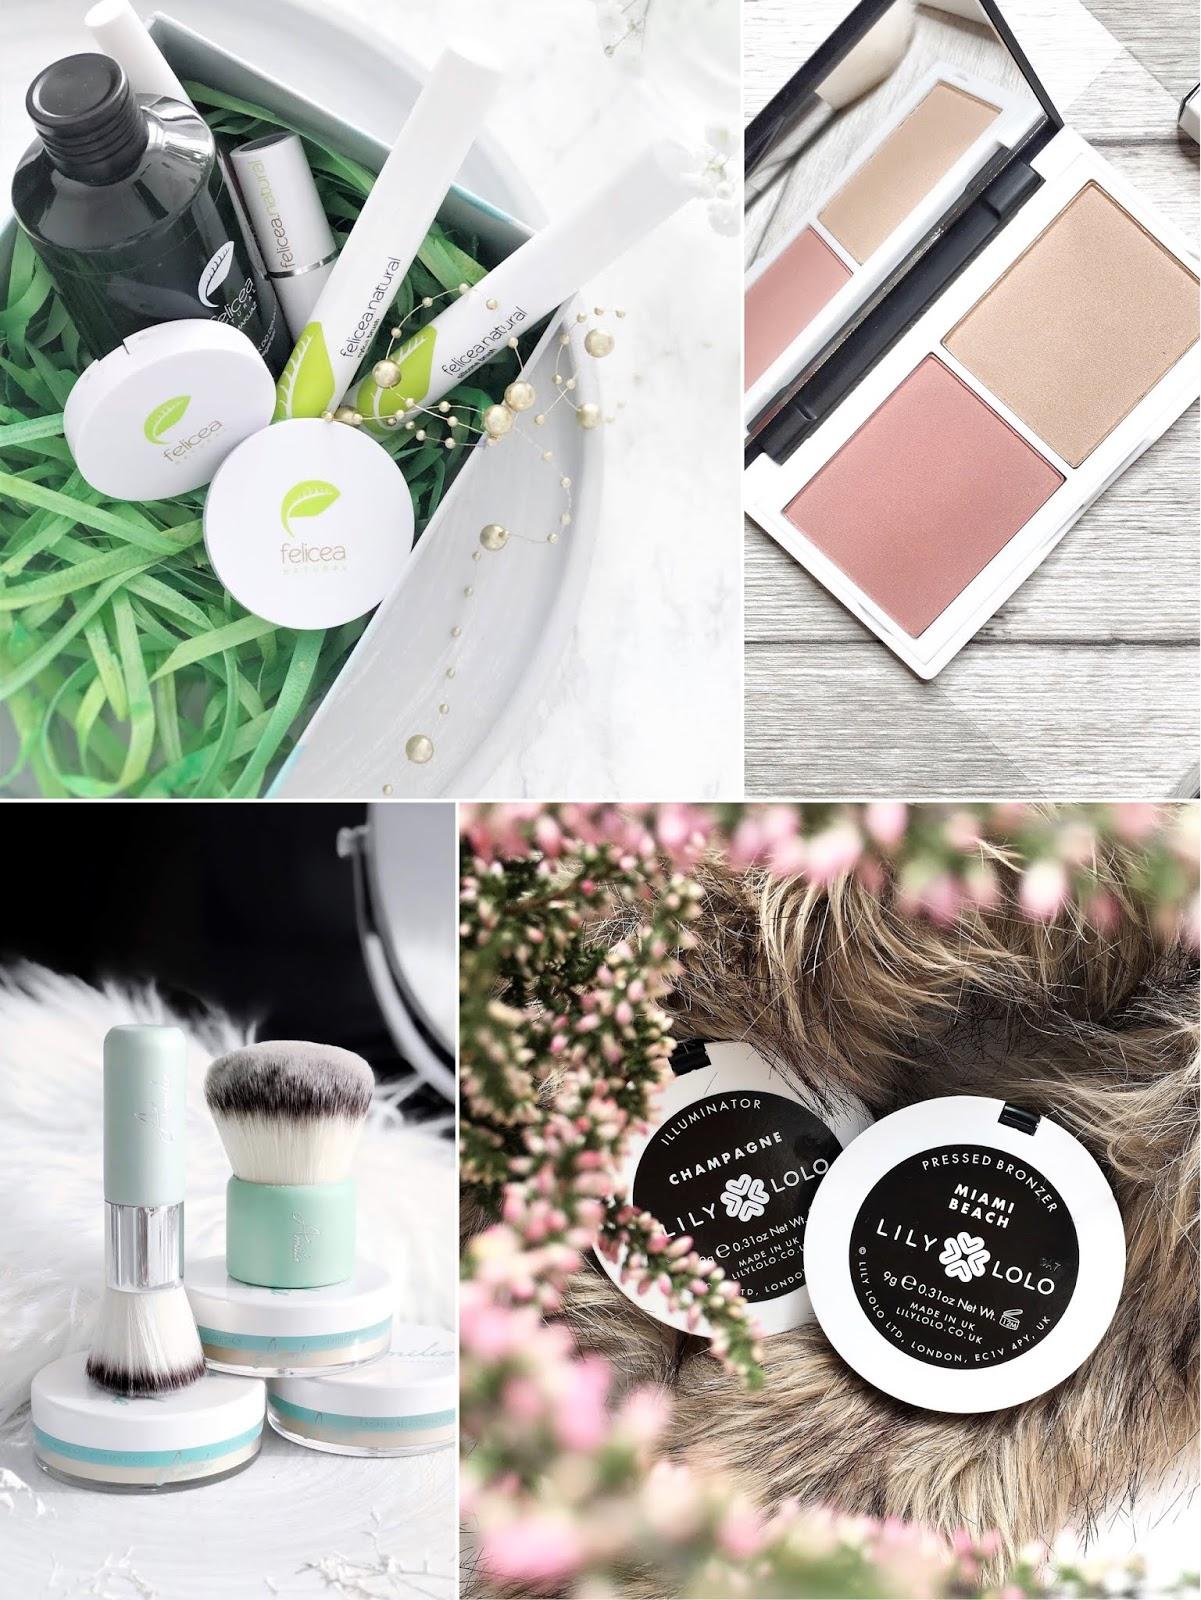 Ekocuda - kosmetyki naturalne godne polecenia i moje plany zakupowe